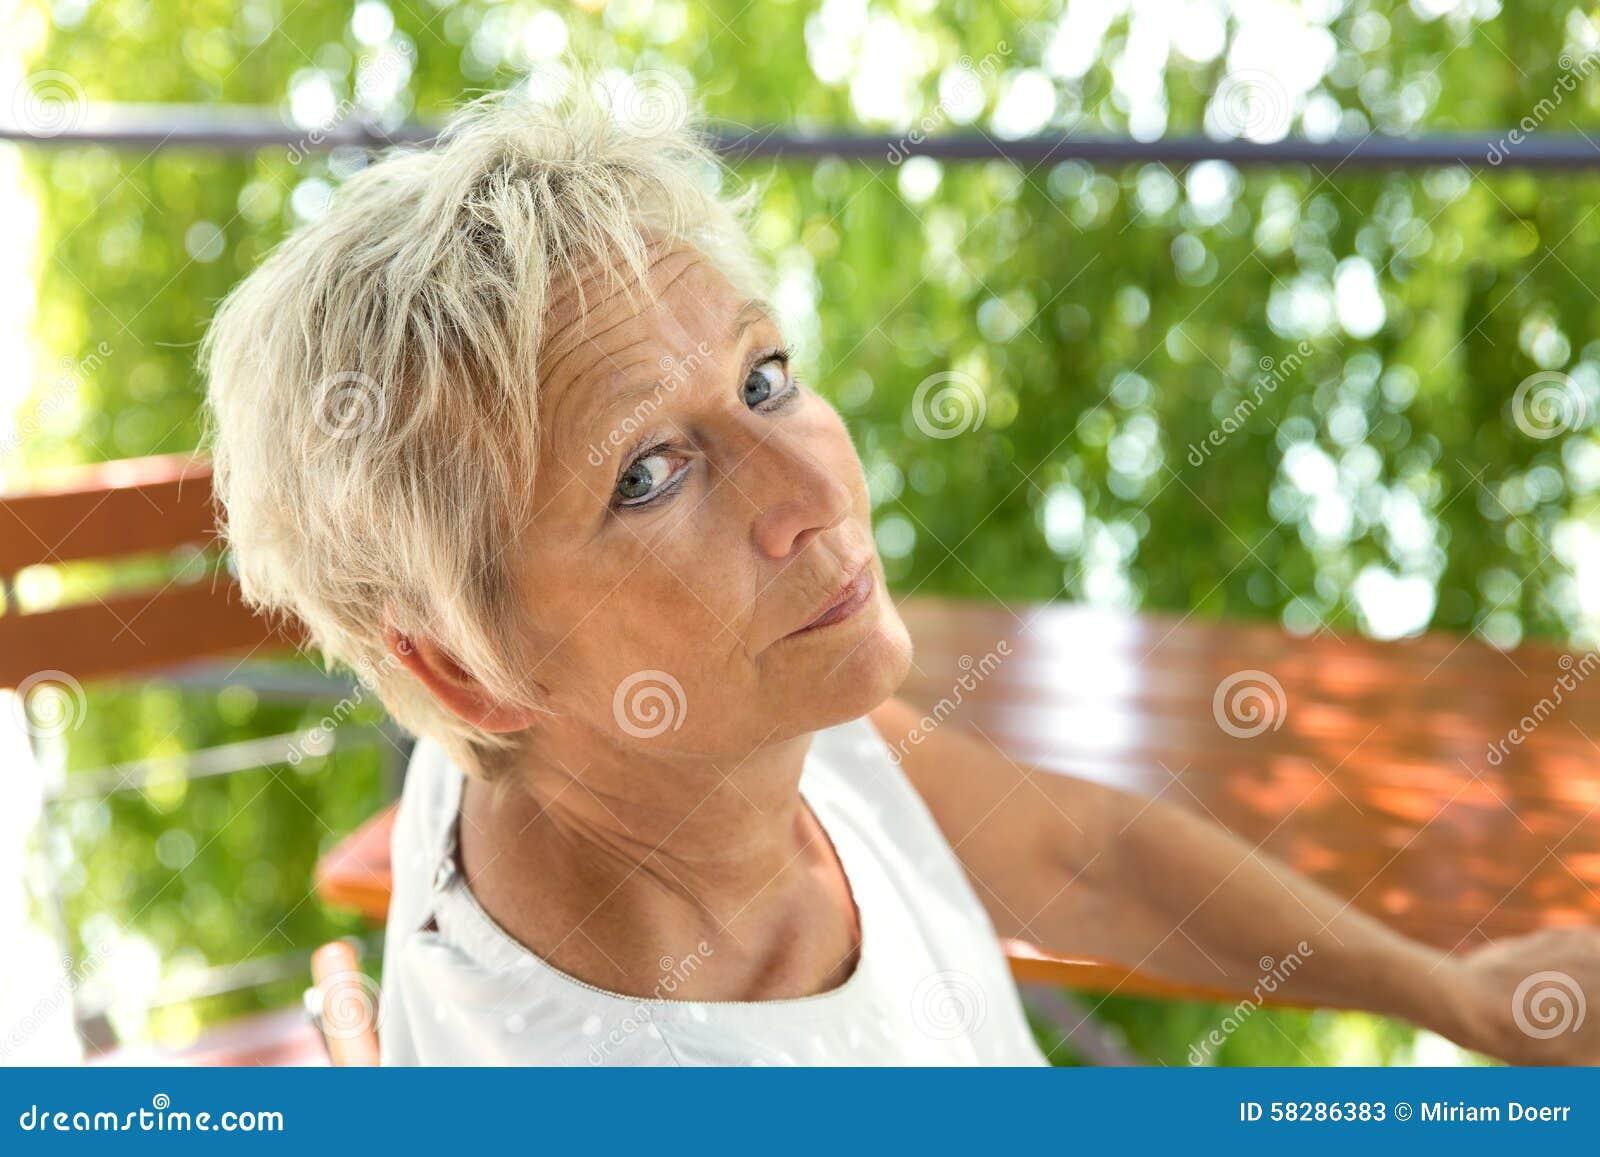 пожилые бабы в конце - 5